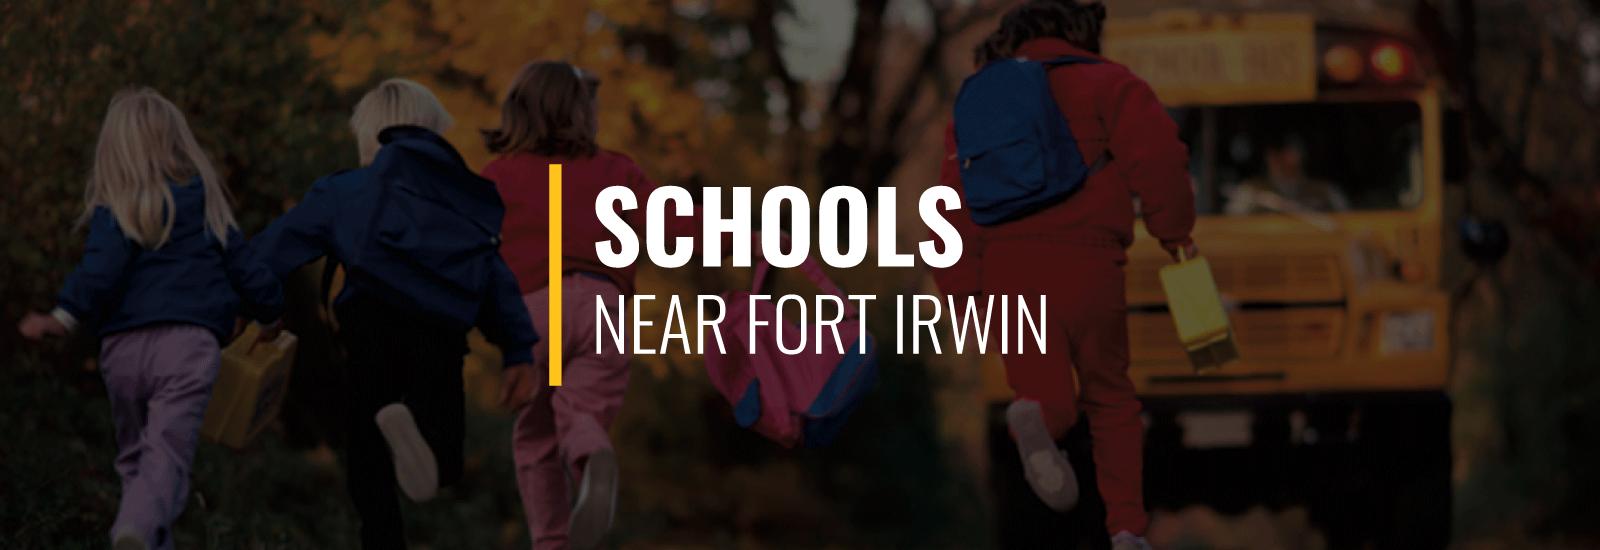 Fort Irwin Schools